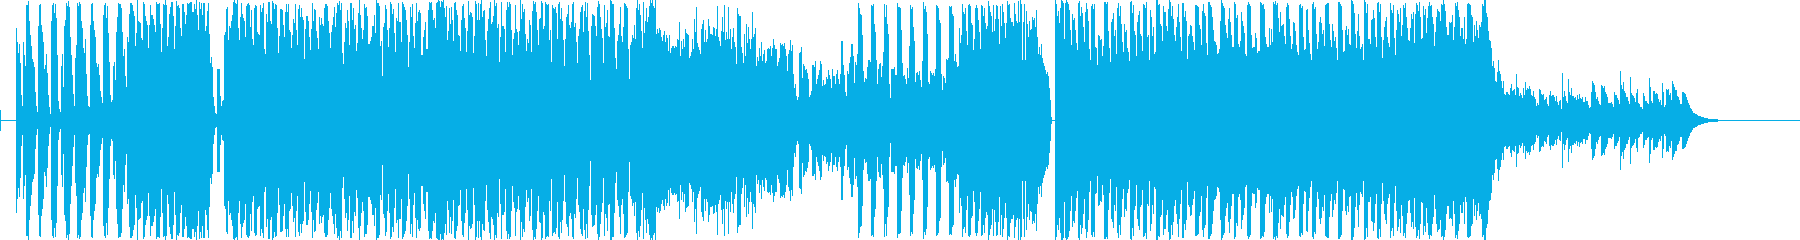 四つ打ちでアップテンポな洋楽風EDMの再生済みの波形